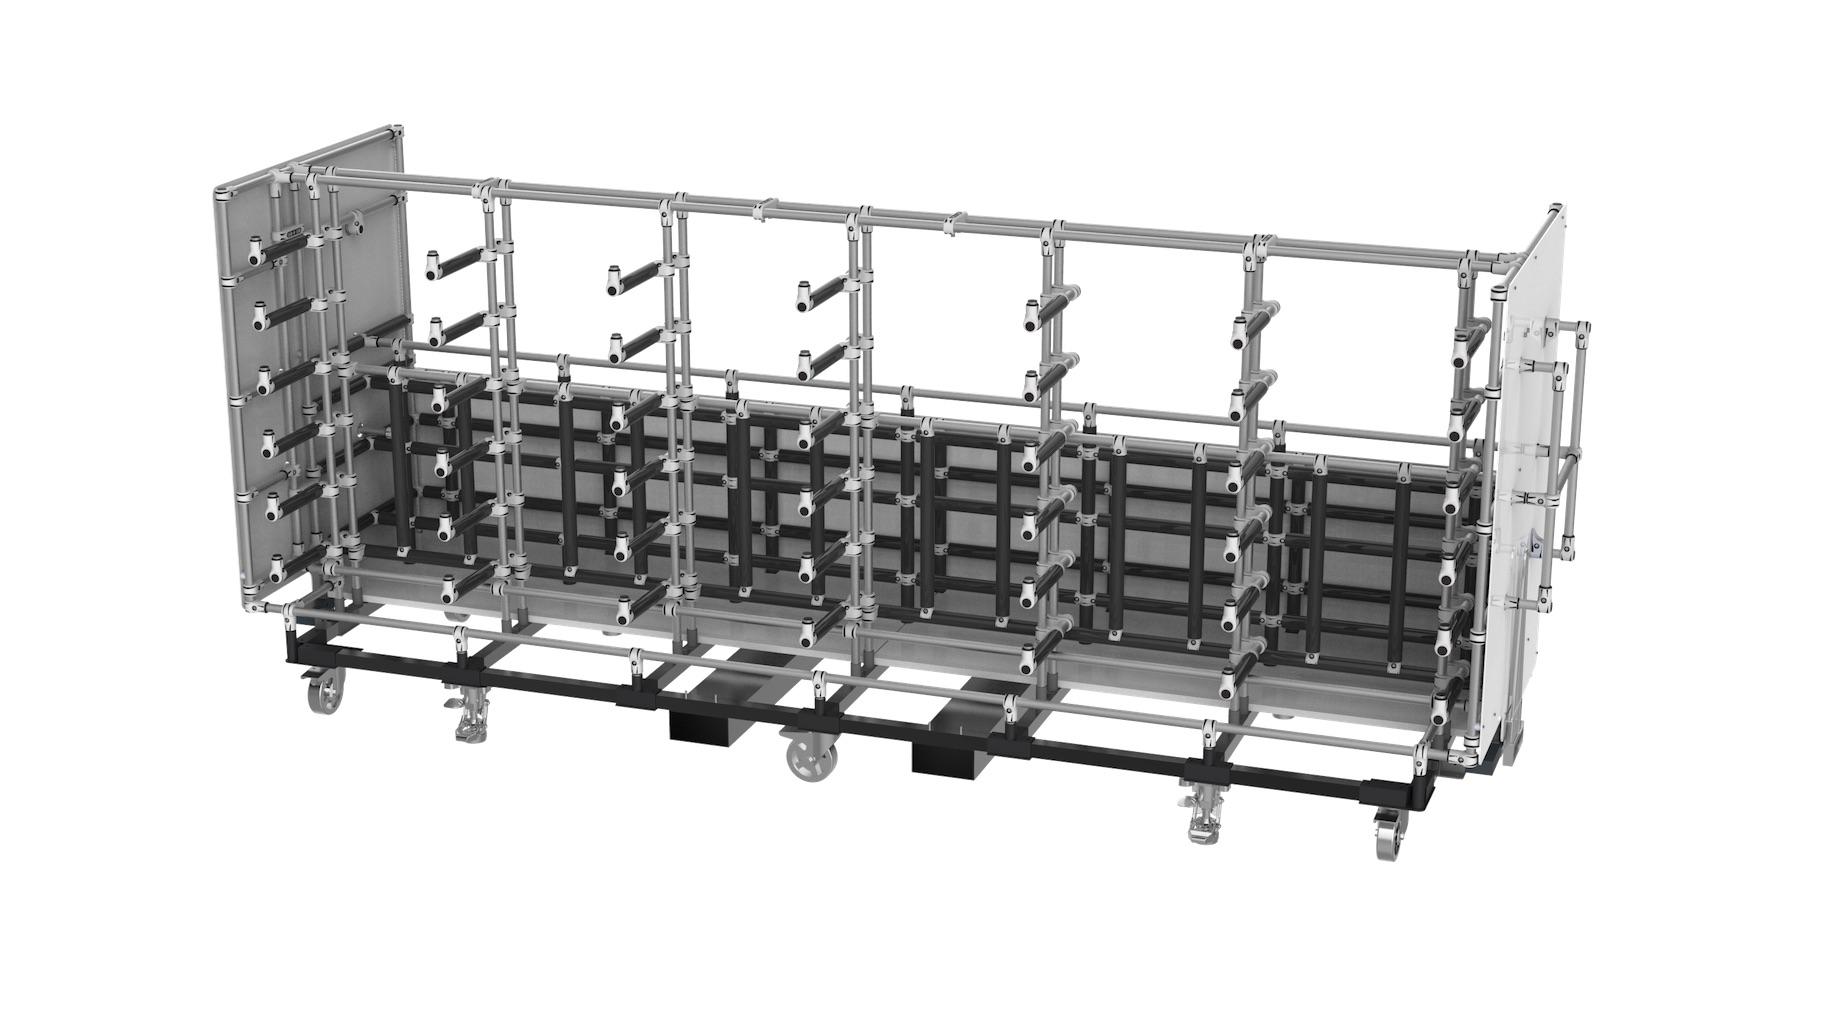 Aéronautique - Chariot tractable avec bras en porte à faux, type cantilever pour l'acheminement de tubes et câbles sur la chaine d'assemblage. Équipé de fourreaux pour manutention par chariot élévateur.